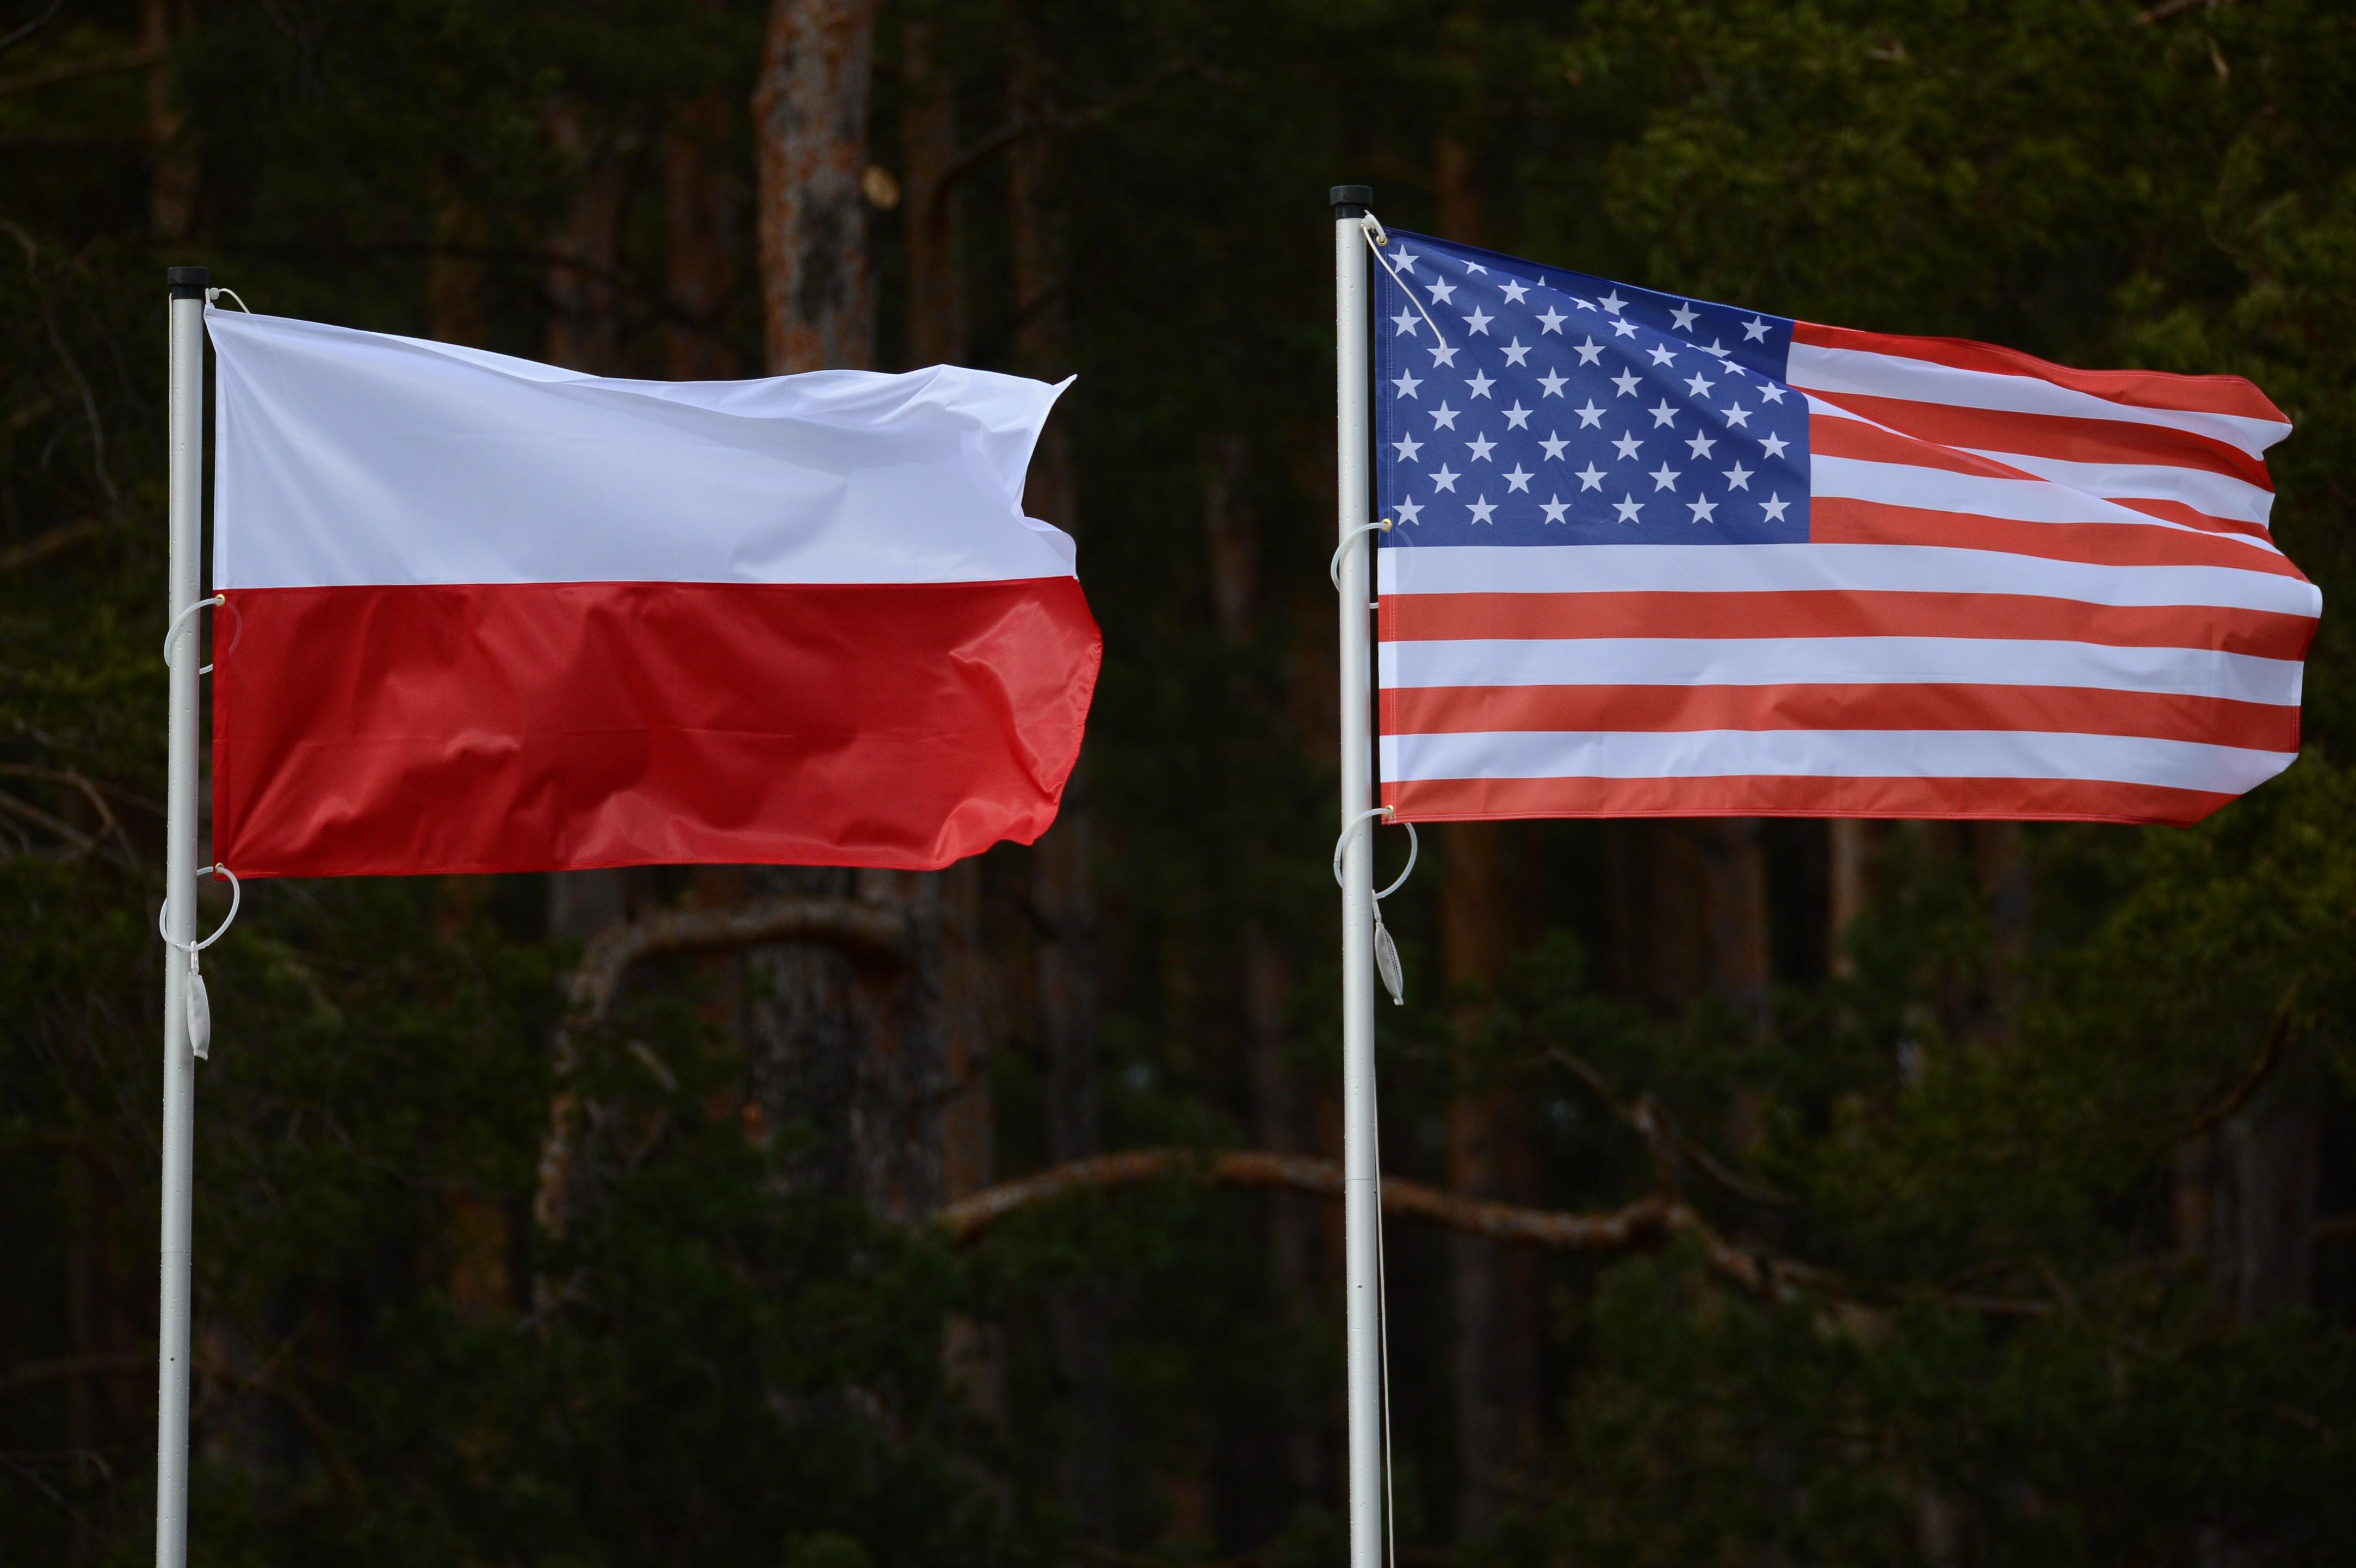 В Китае рассказали, как страх перед РФ загнал Польшу в «американскую ловушку»